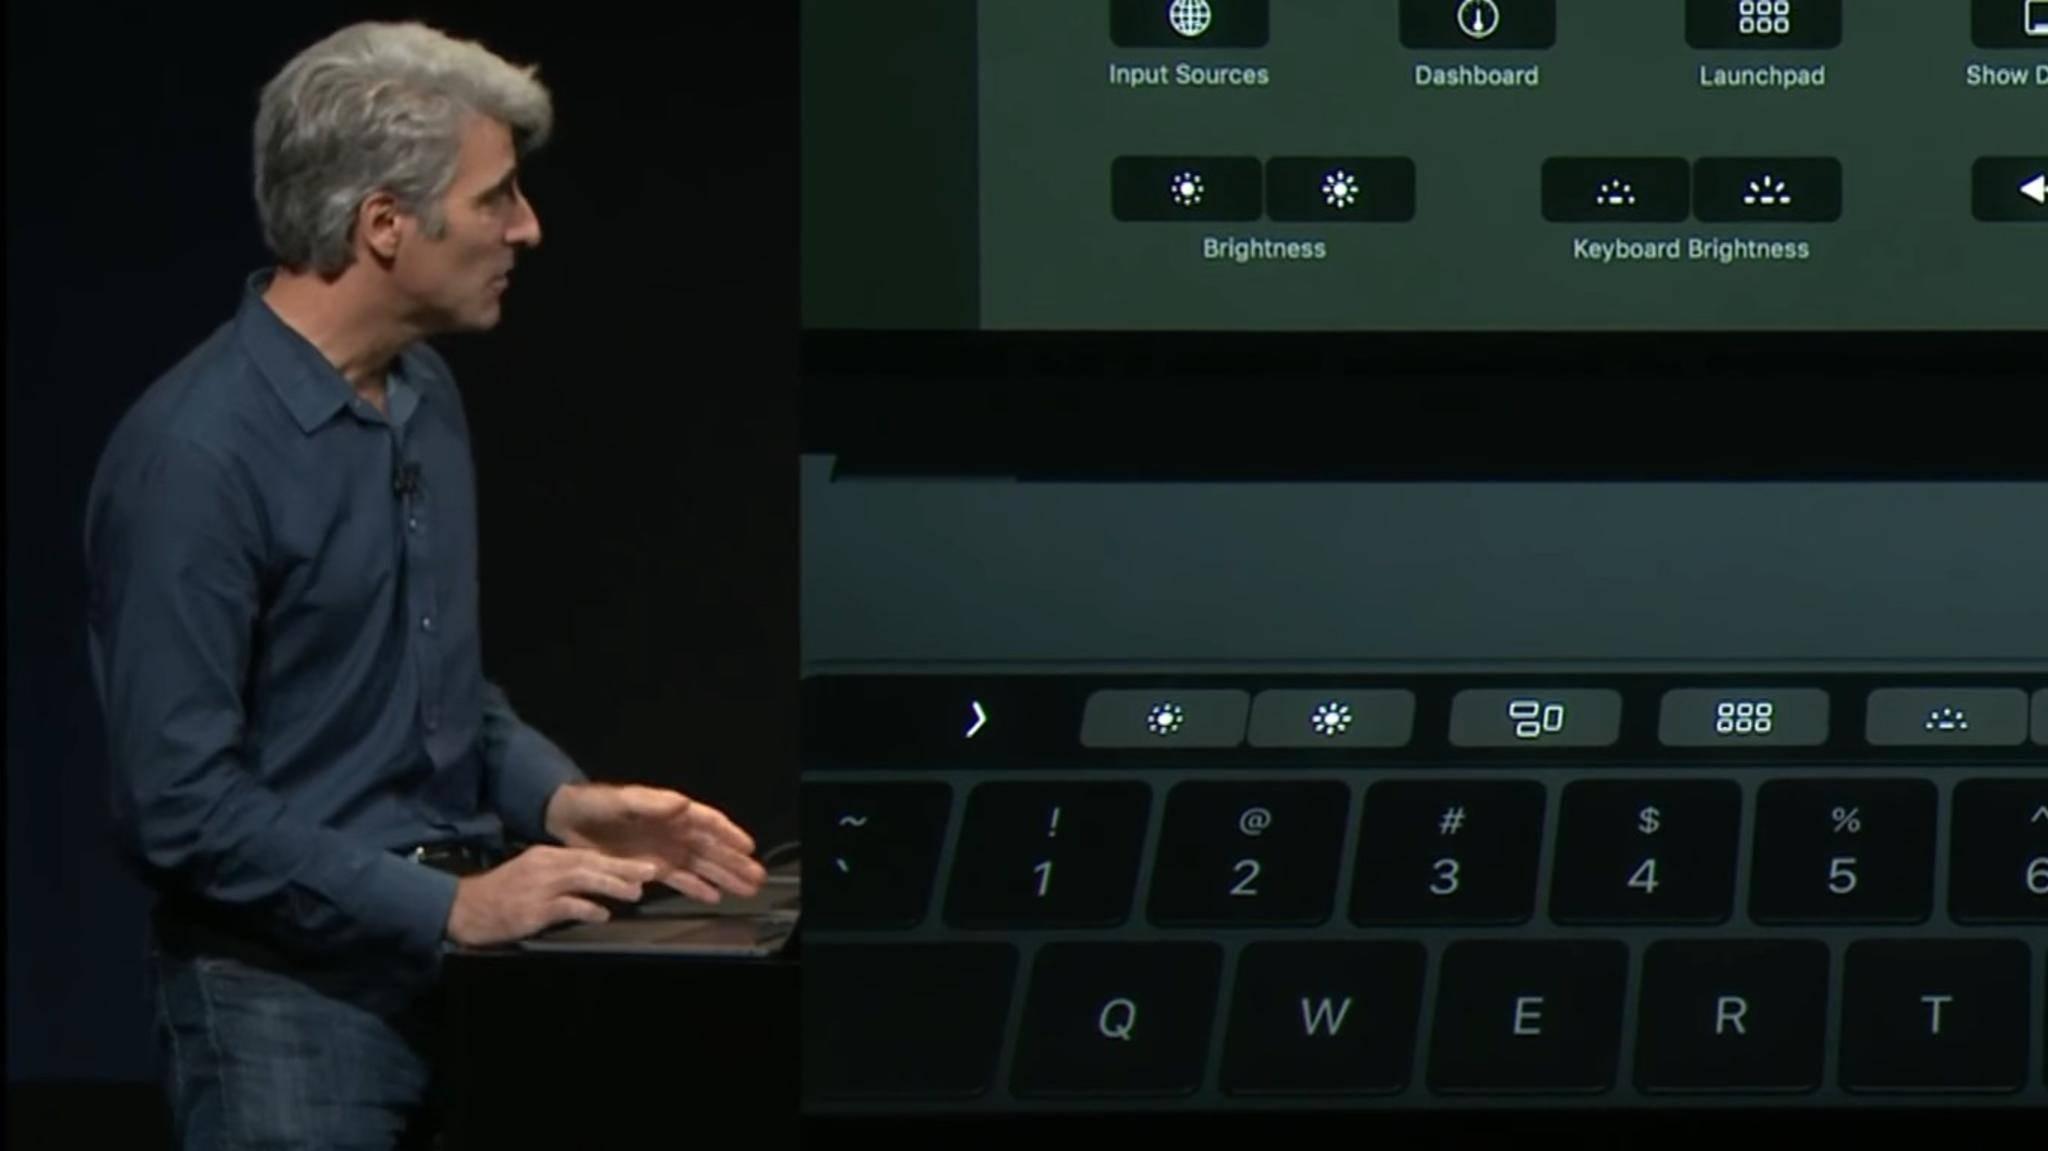 Monate nach der Ankündigung testet Microsoft noch den Touch Bar-Support für Office.